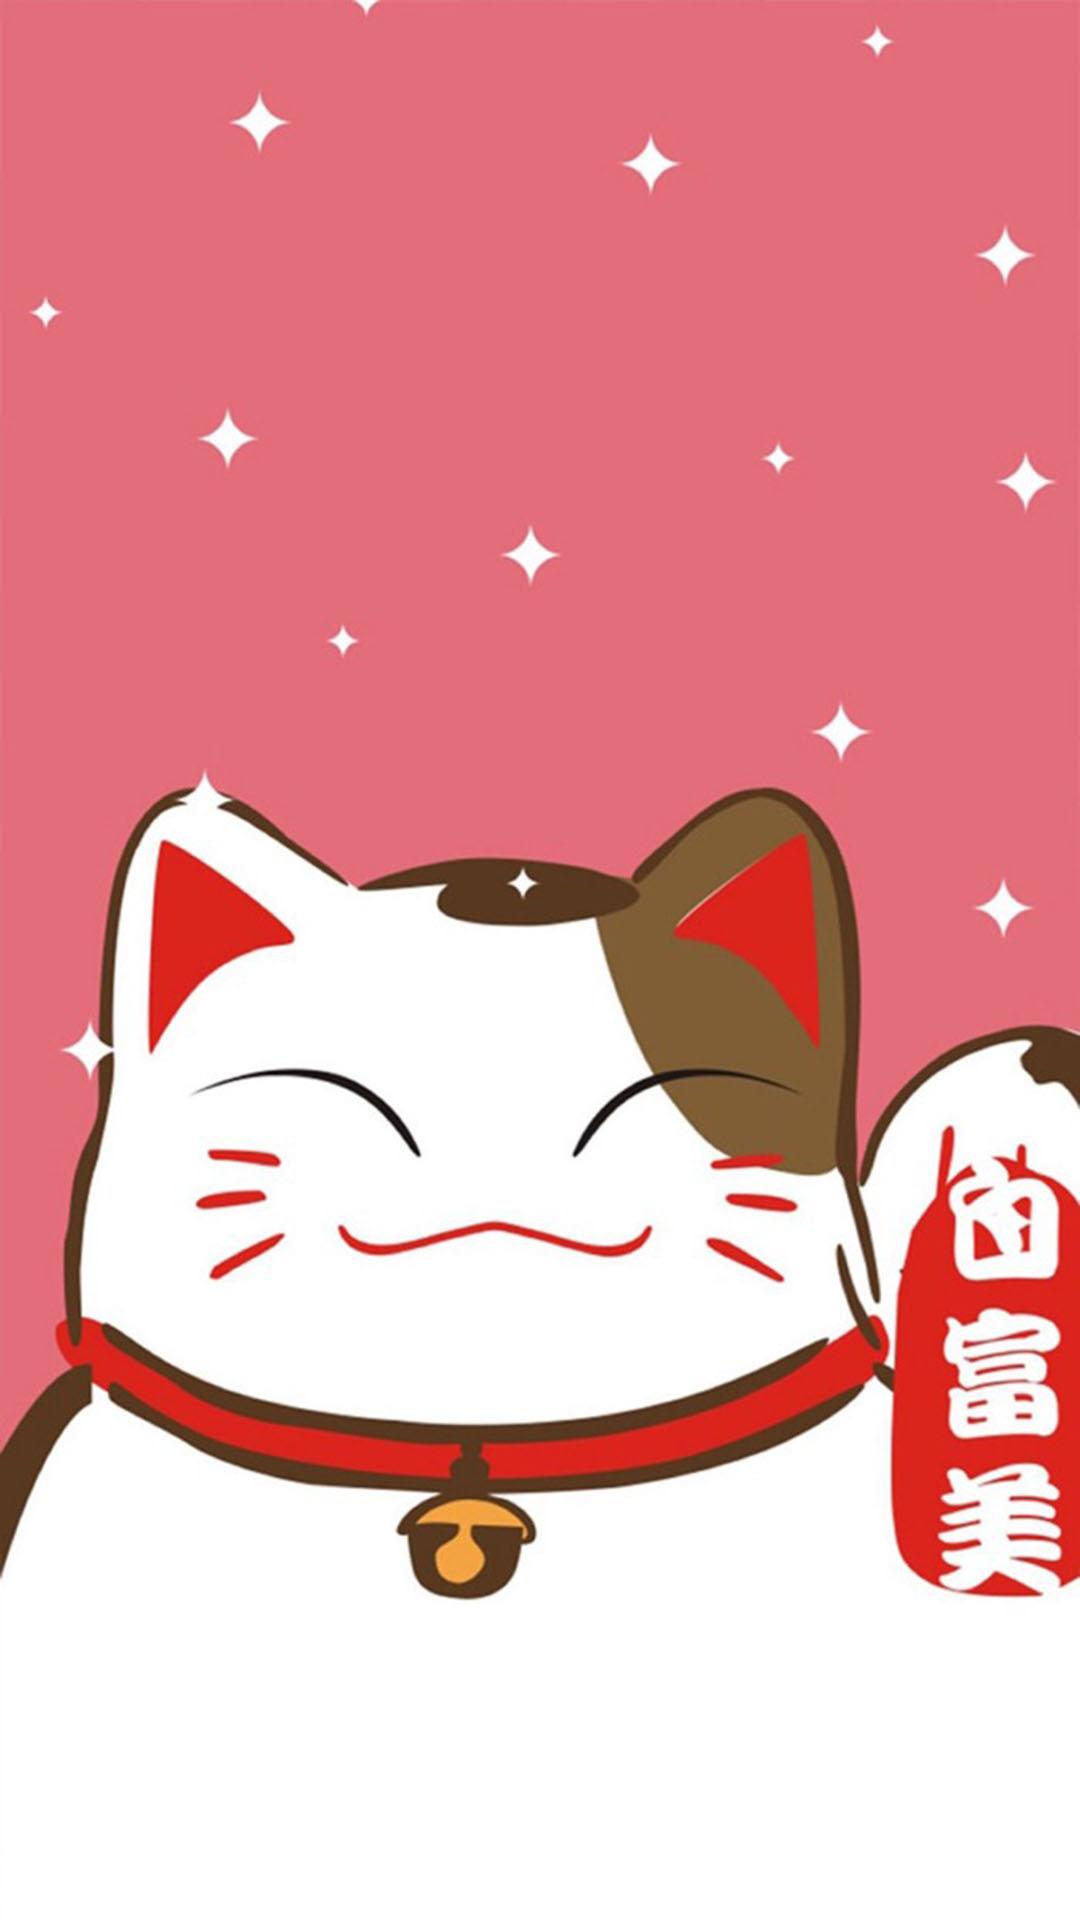 白富美招财猫 苹果手机高清壁纸 1080x1920 - 足球